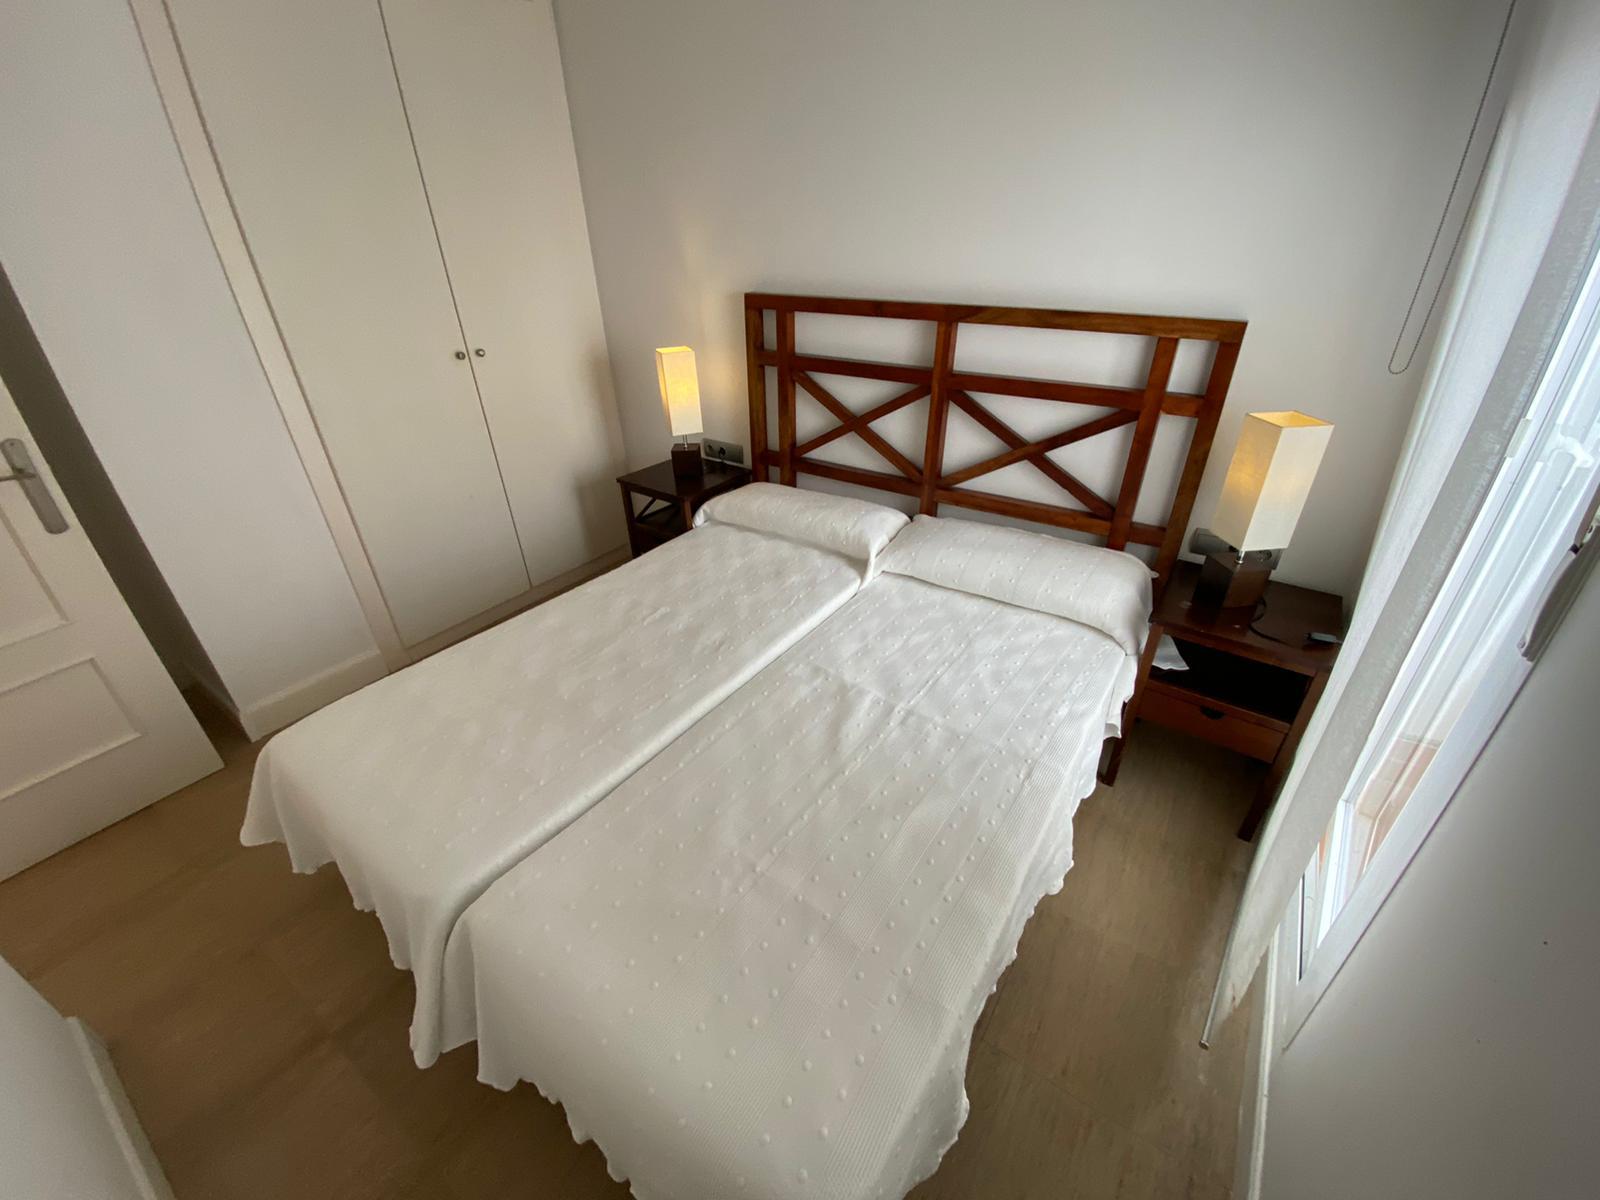 Imagen 27 del Apartamento Turístico, Ático 6 Poniente (3d+2b), Punta del Moral (HUELVA), Paseo de la Cruz nº22